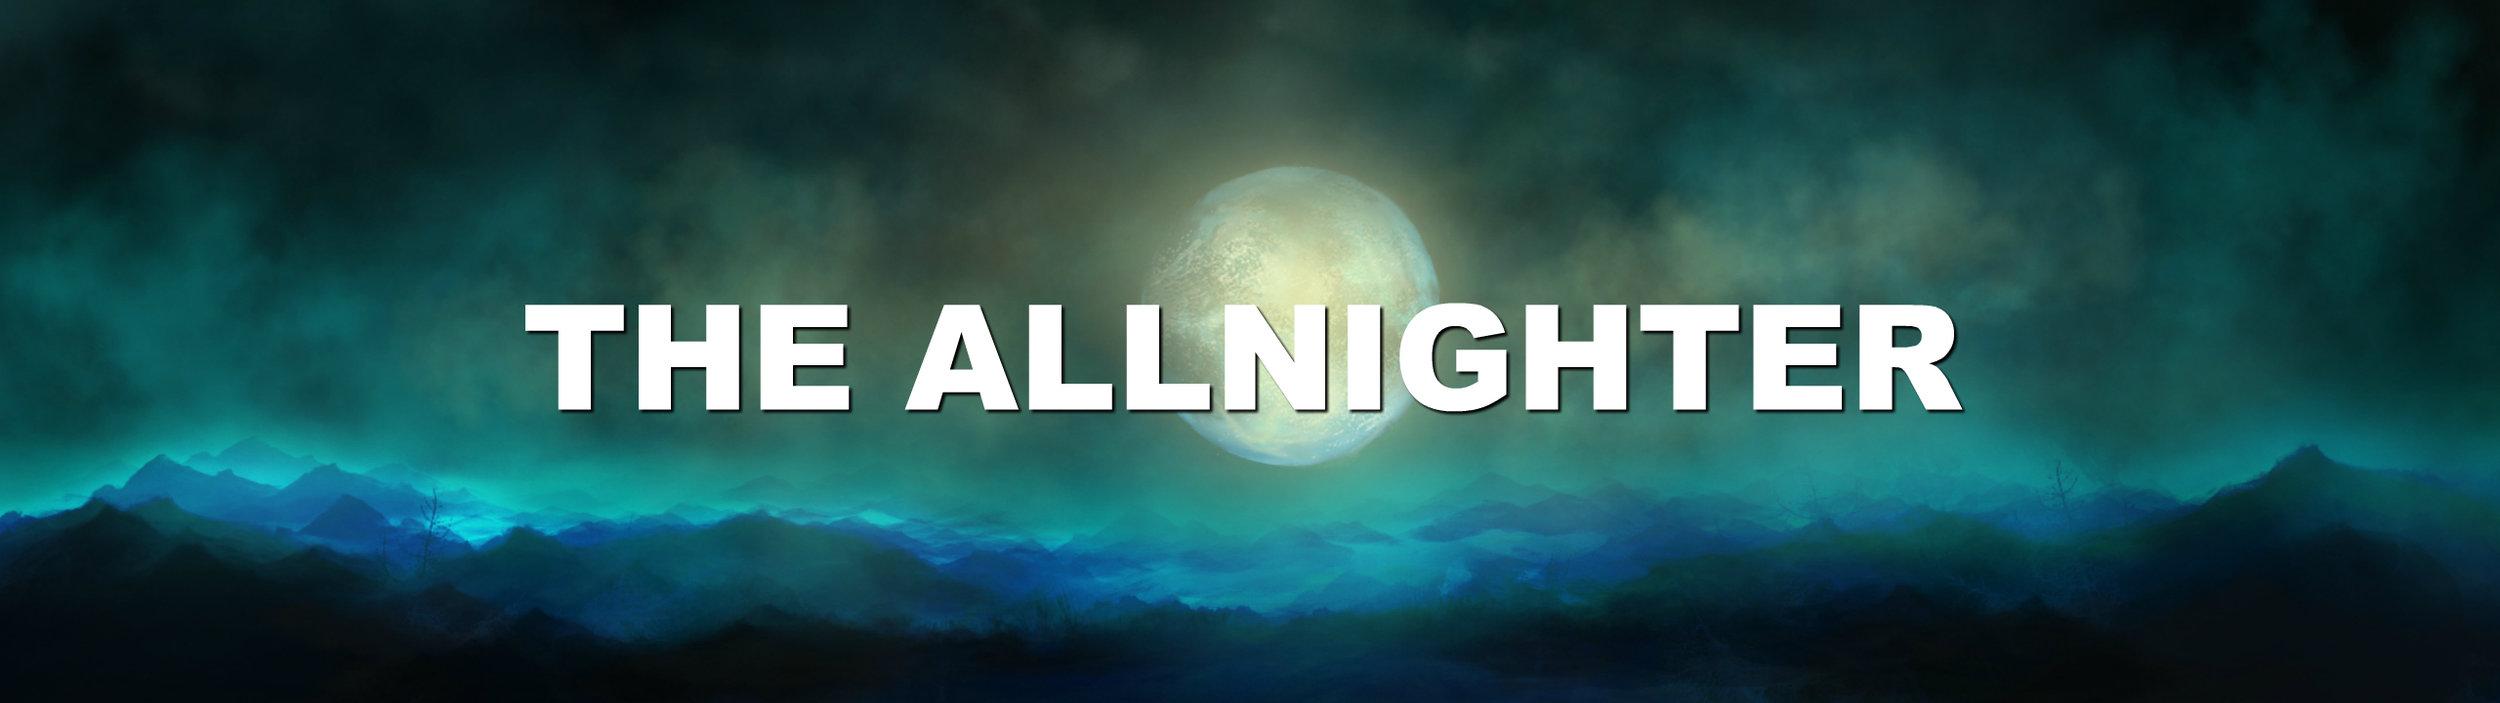 The Allnighter.jpg